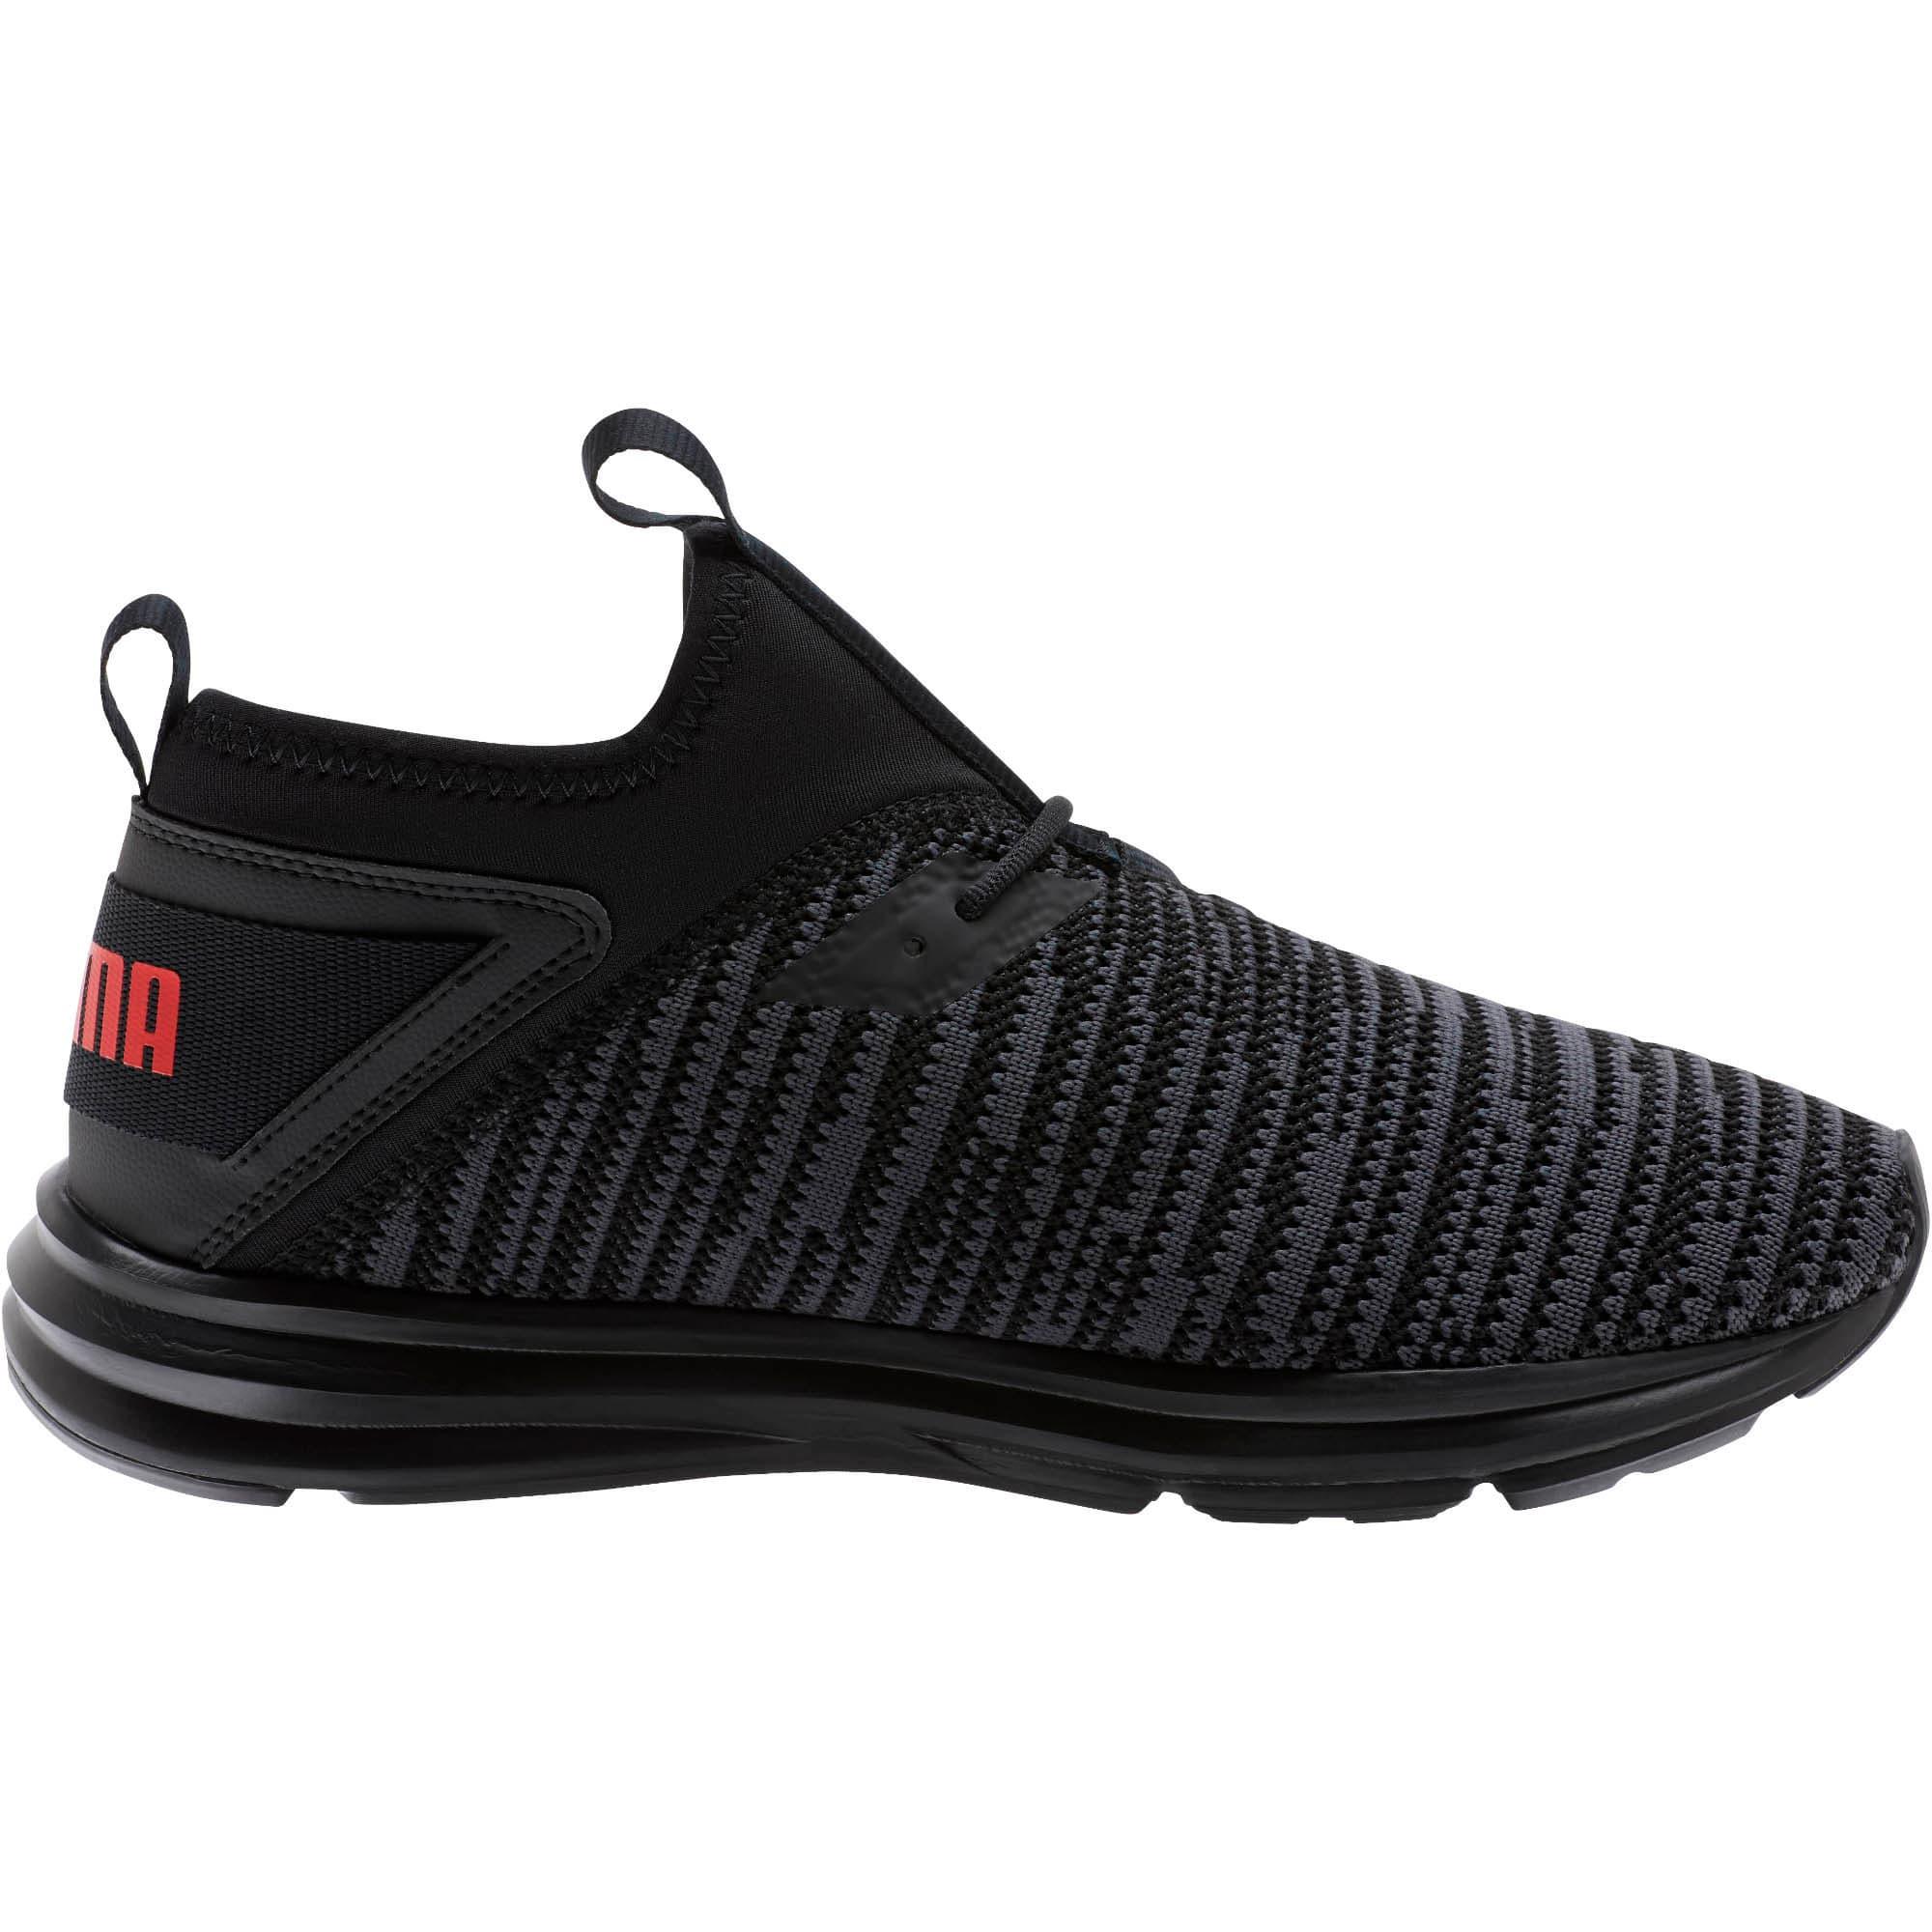 Thumbnail 4 of Enzo Peak Men's Sneakers, Black-Asphalt-High Risk Red, medium